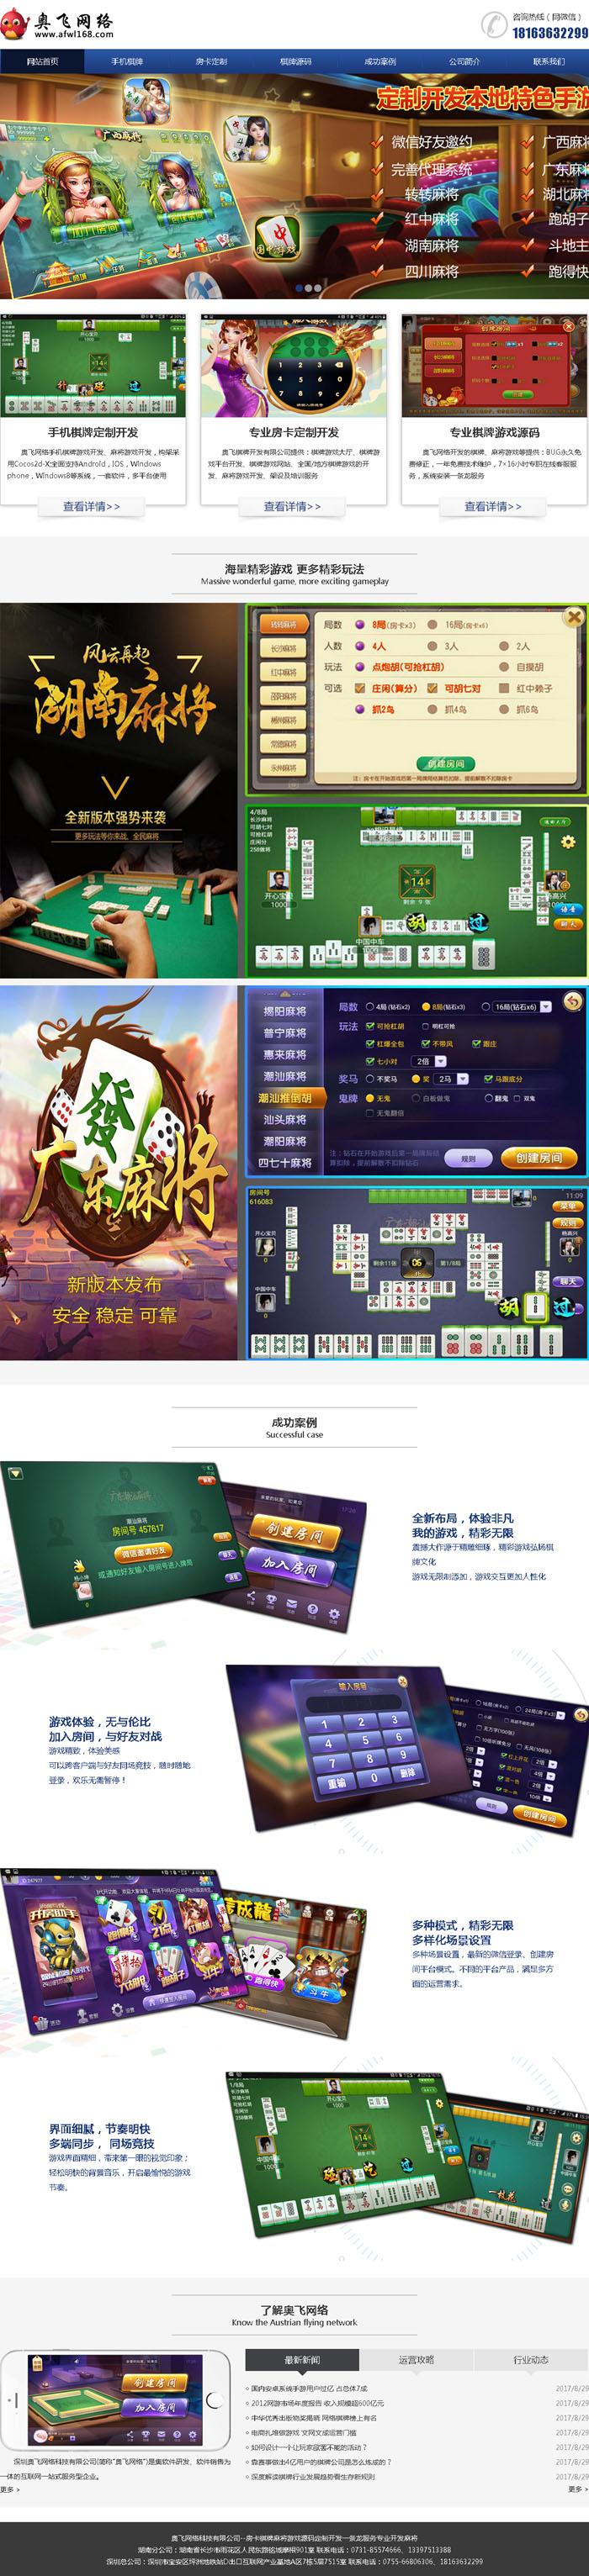 深圳奥飞网络科技有限公司网站效果图